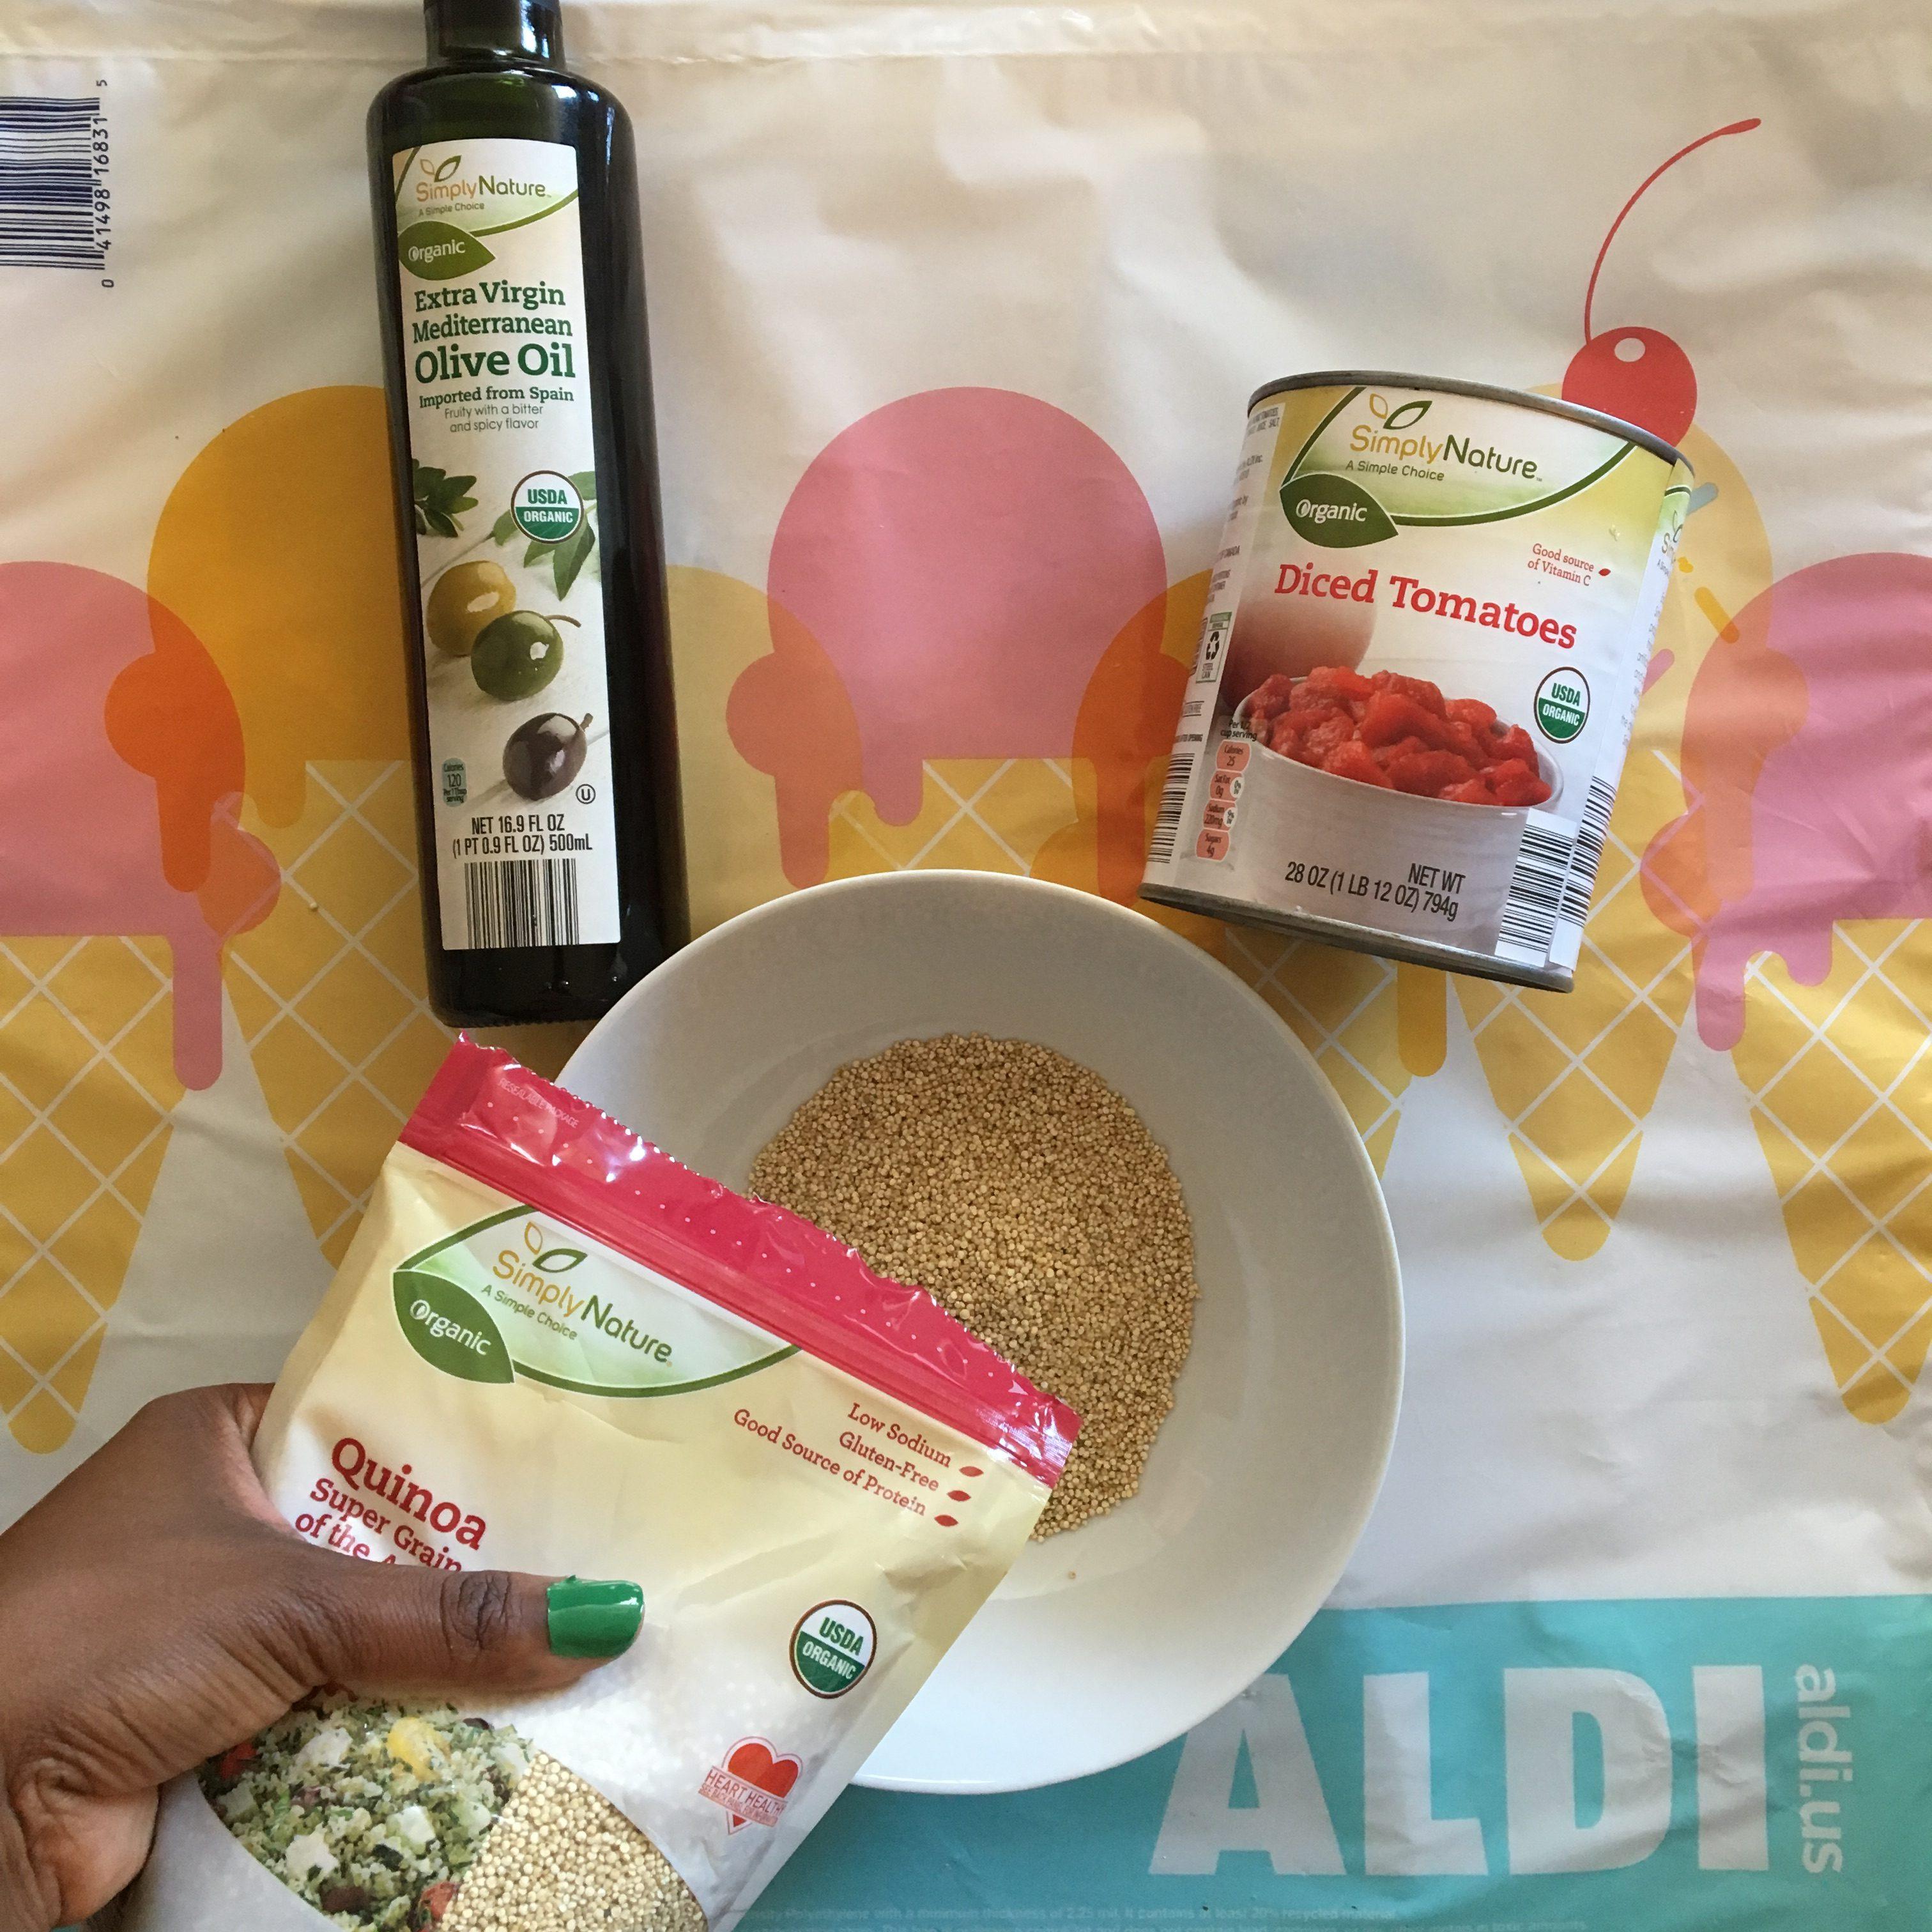 ALDI-Recipes-Angelica-In-The-City